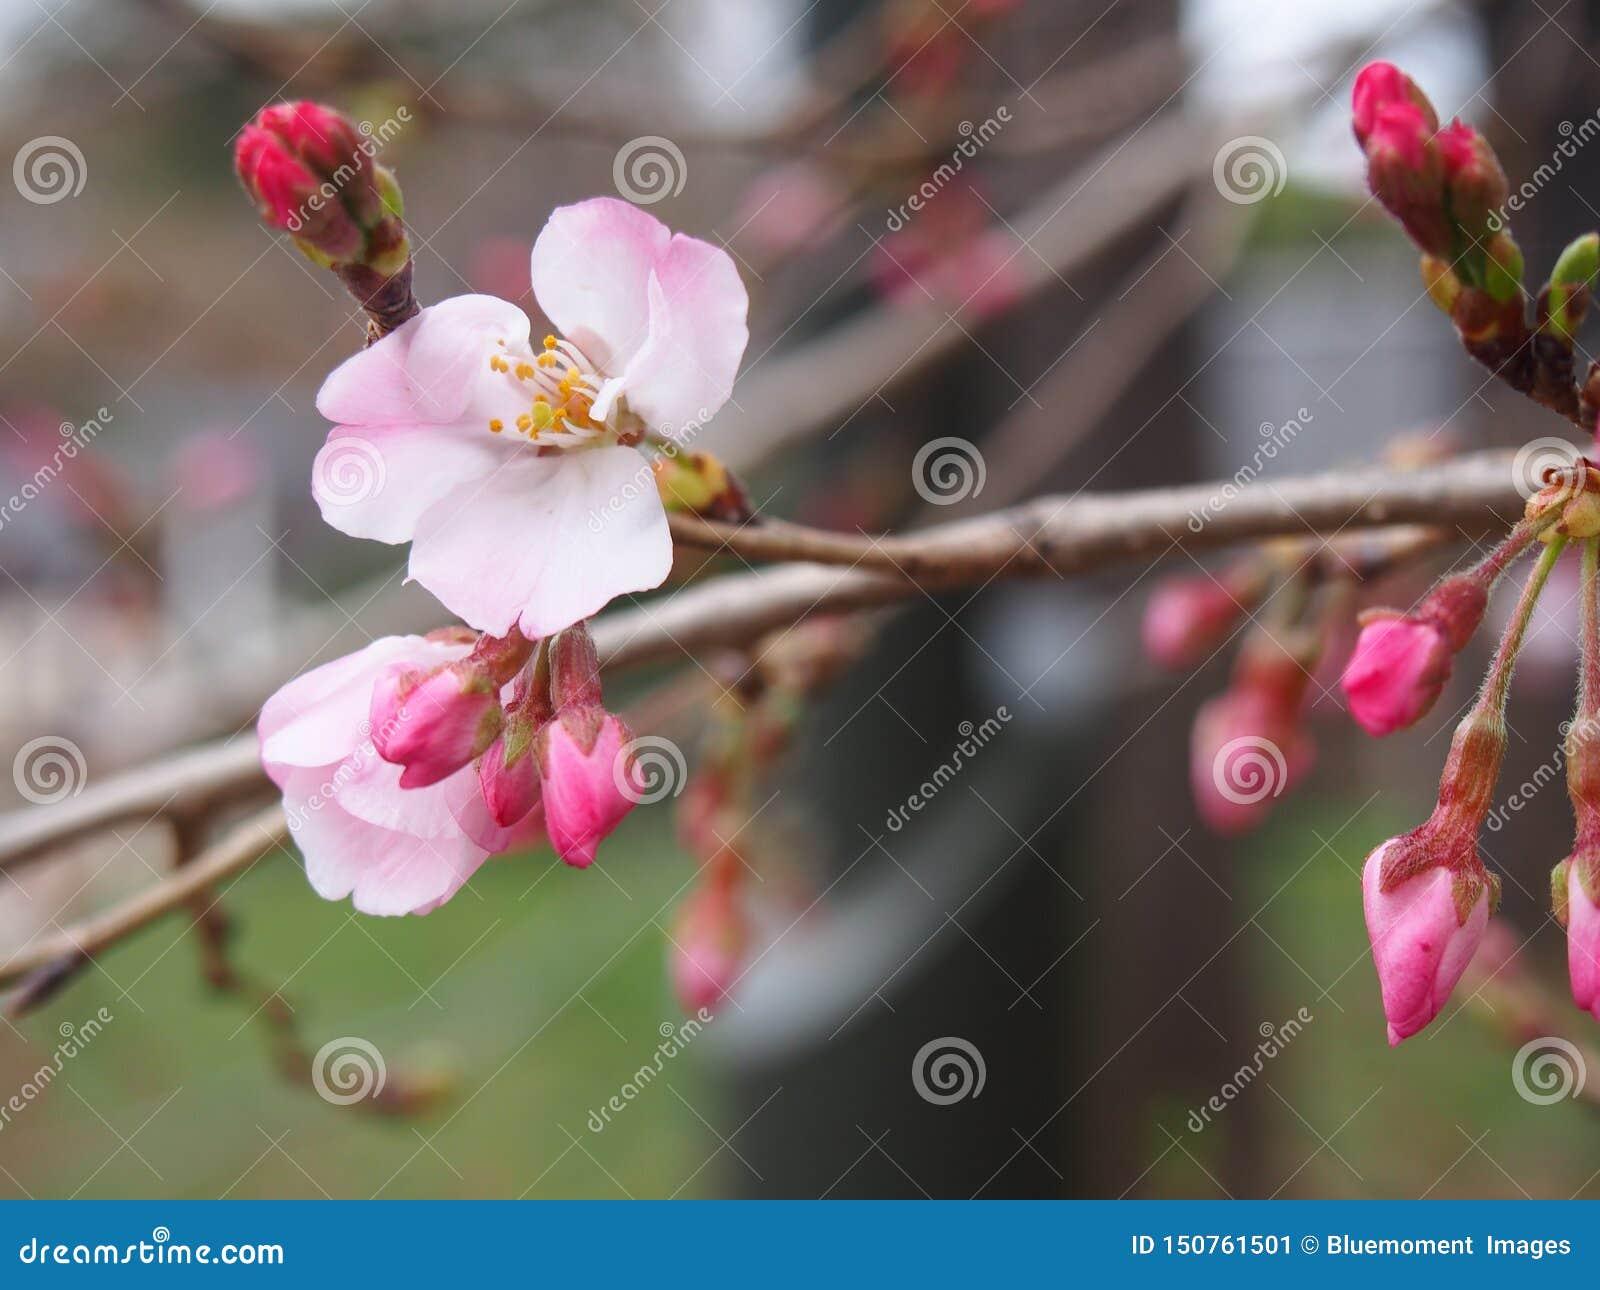 Fleurs de cerisier environ à fleurir fleurs et bourgeons